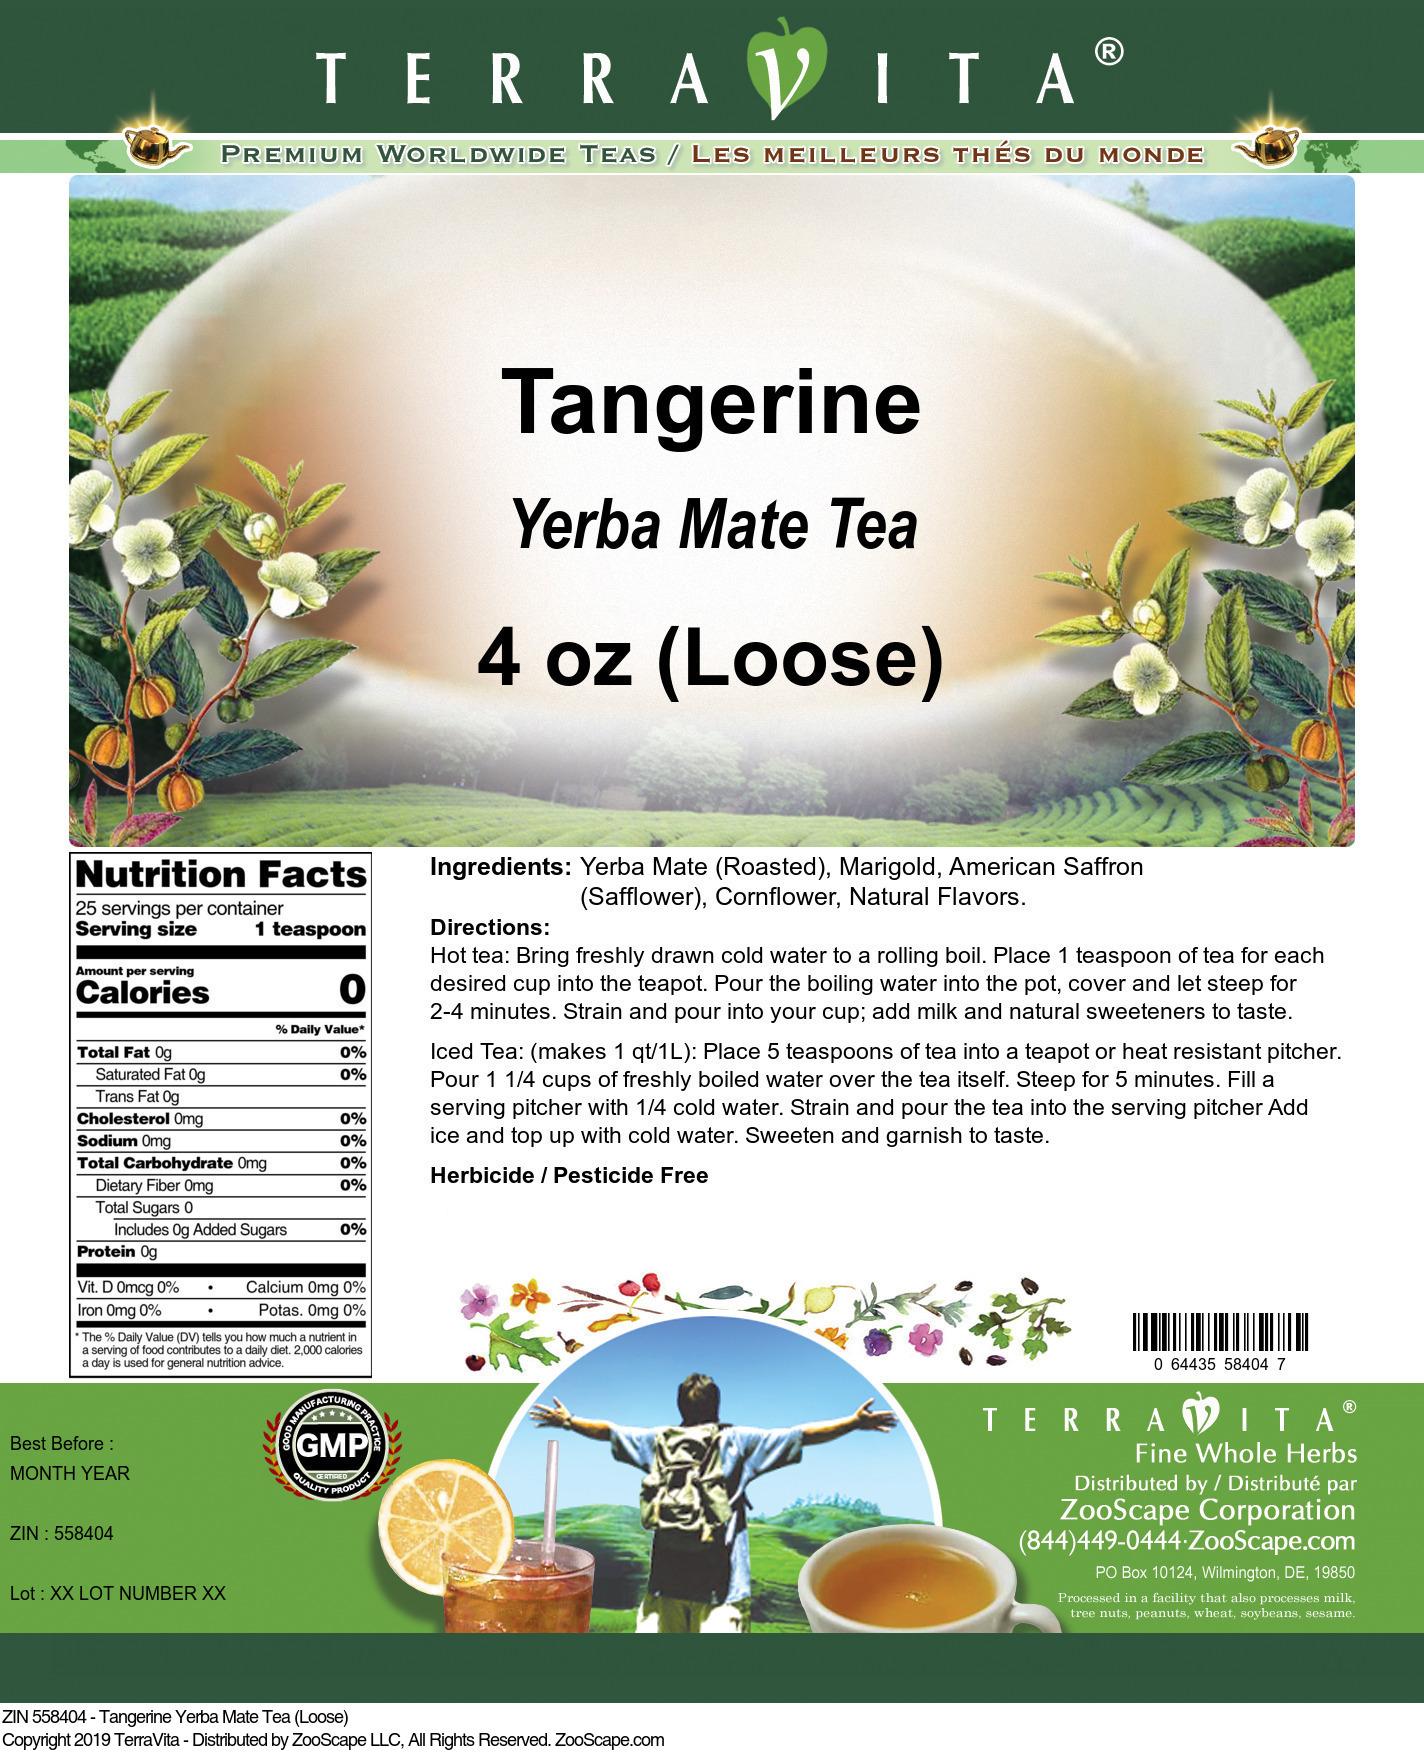 Tangerine Yerba Mate